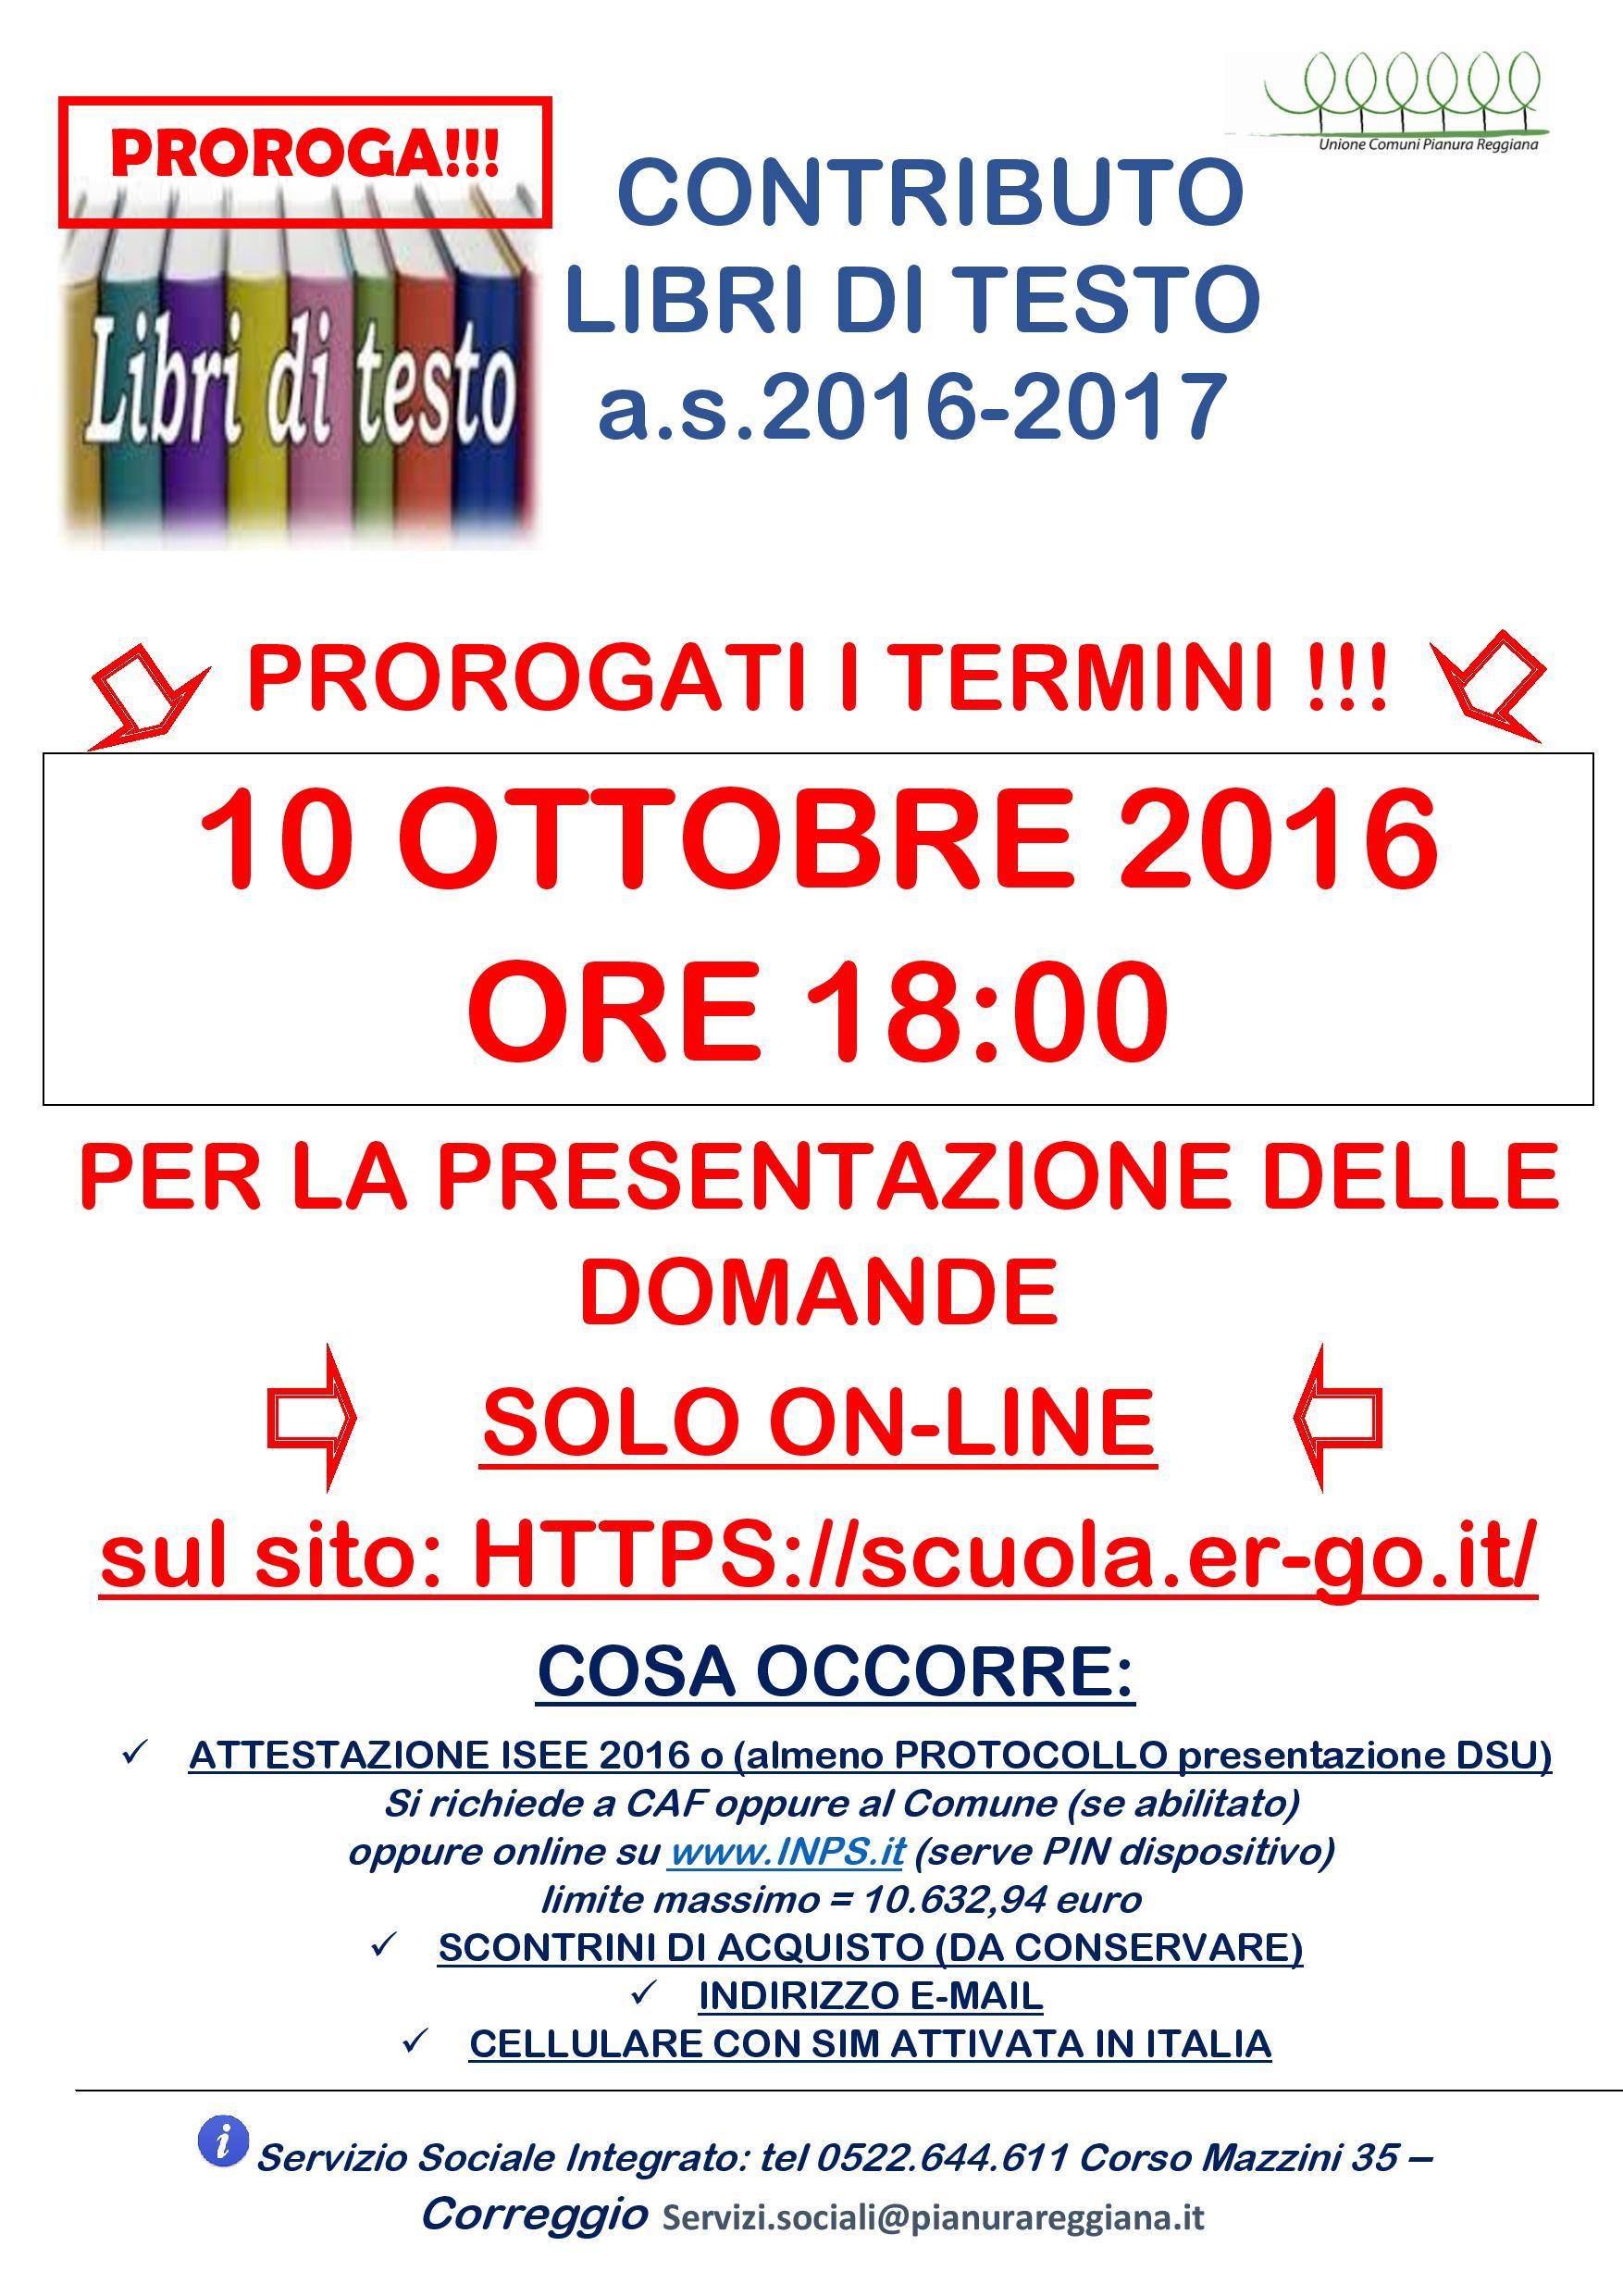 avviso-libri-di-testo-2016-2017a3-proroga-page-001